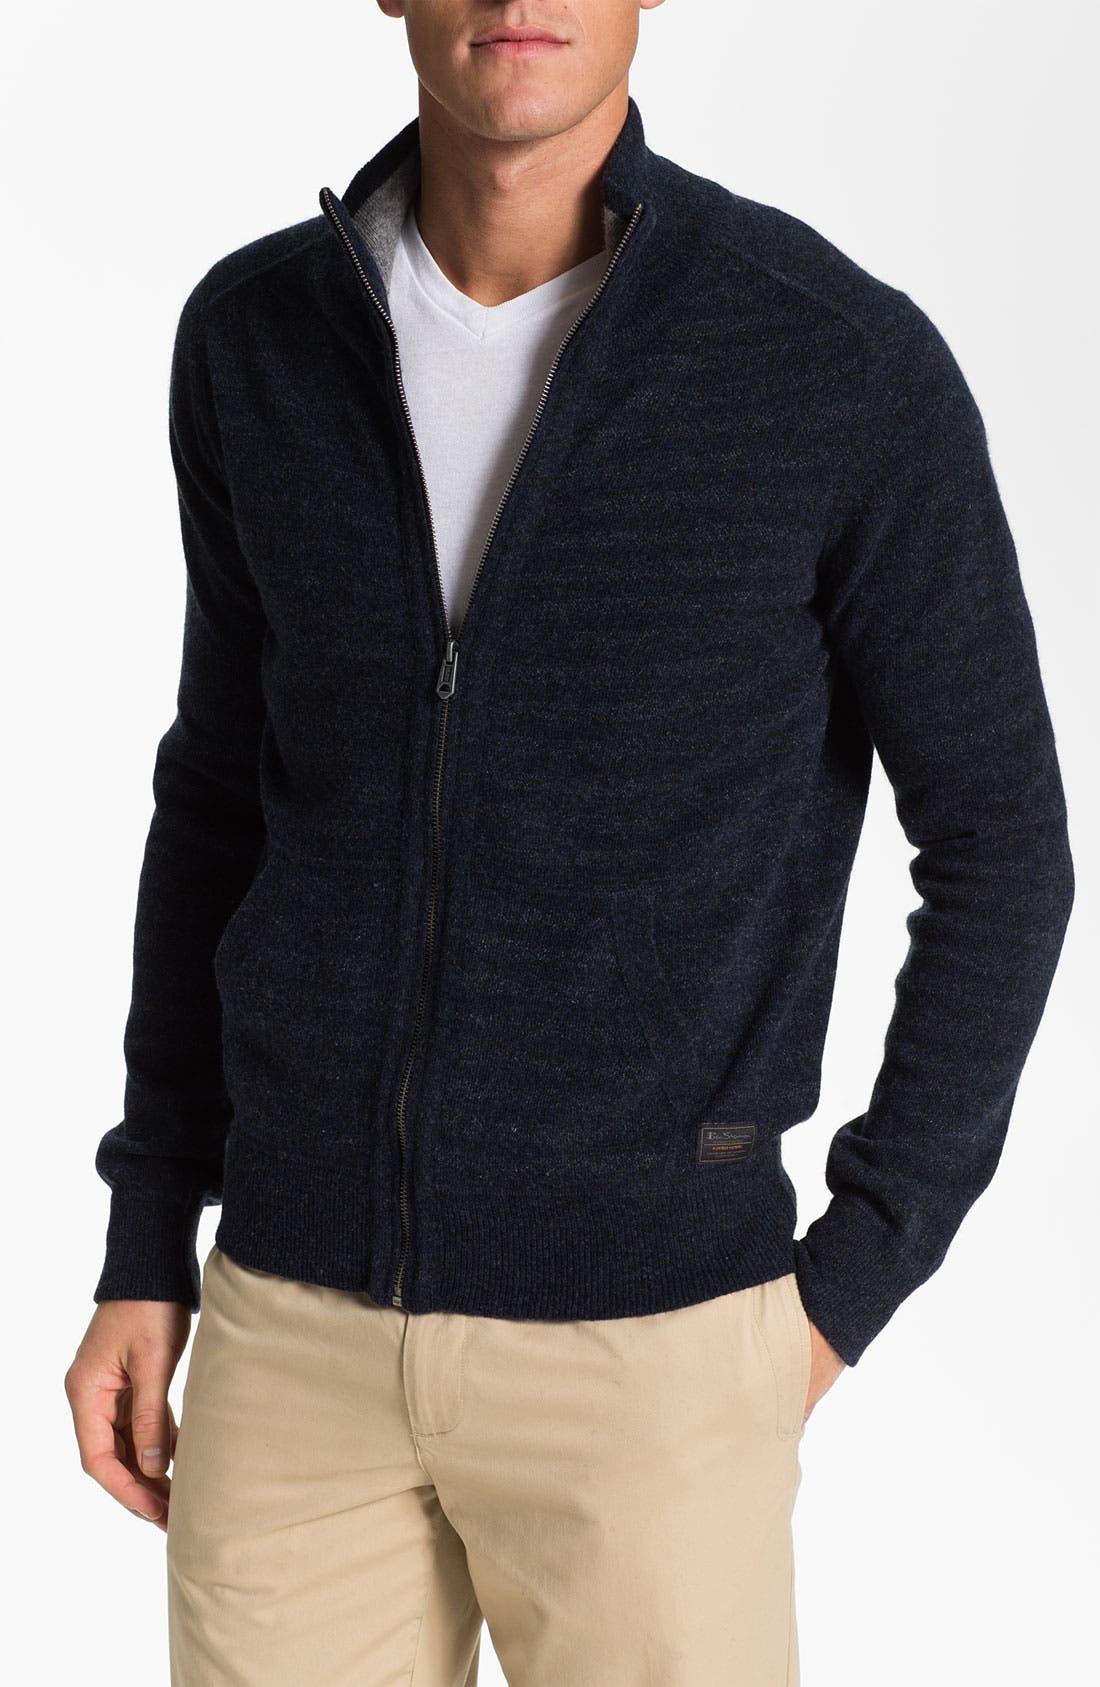 Main Image - Ben Sherman Zip Sweater